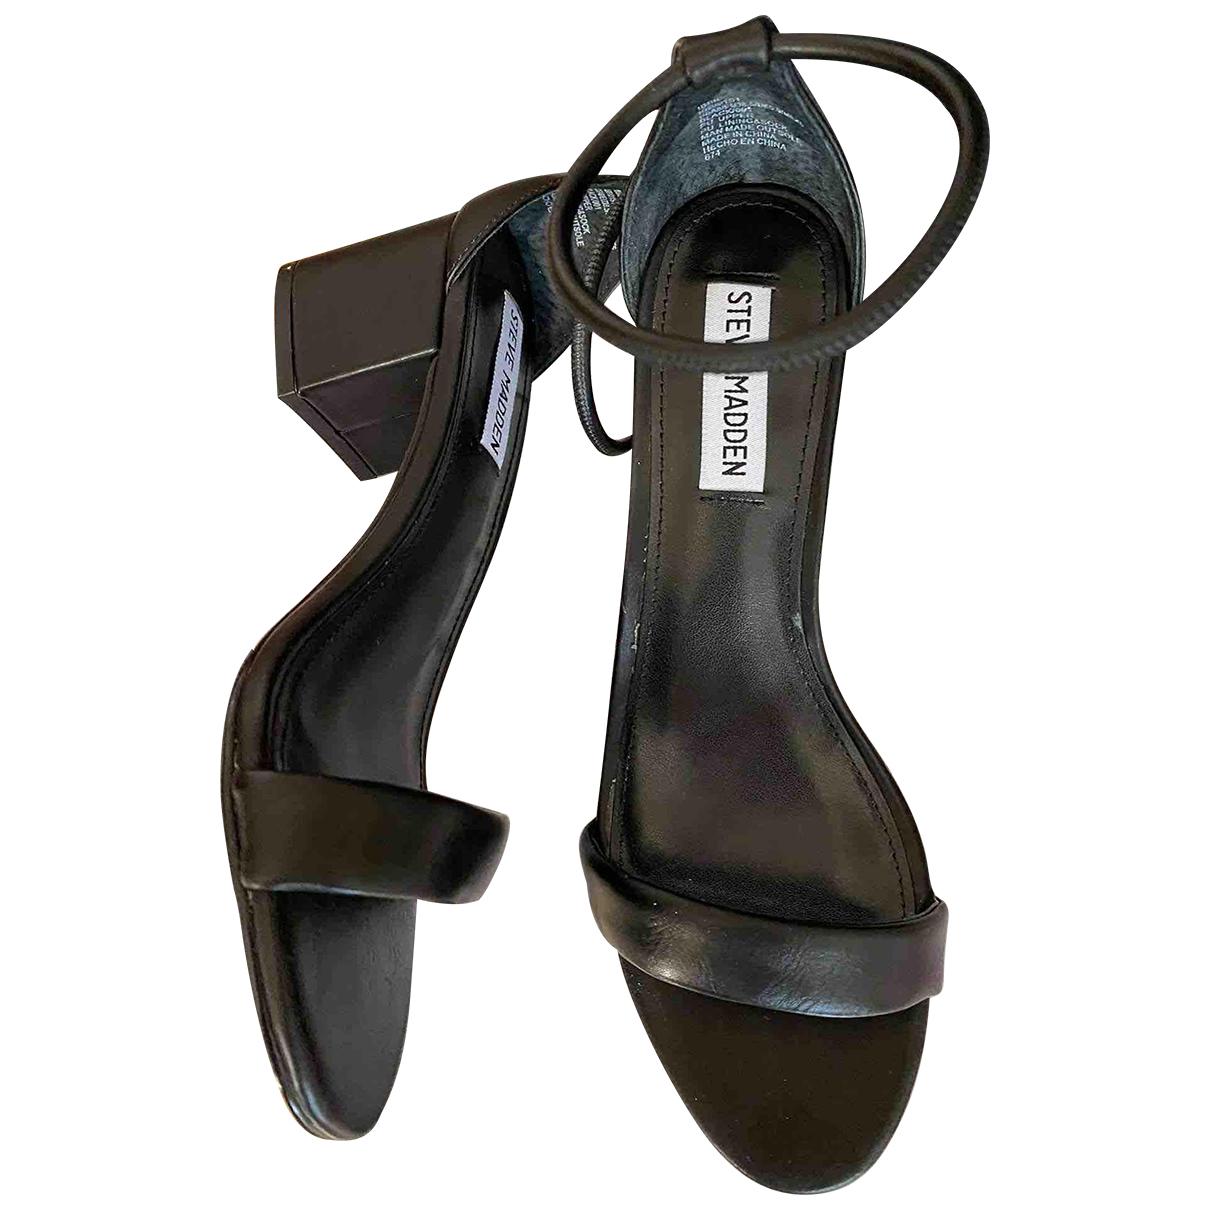 Steve Madden \N Black Leather Sandals for Women 38.5 EU